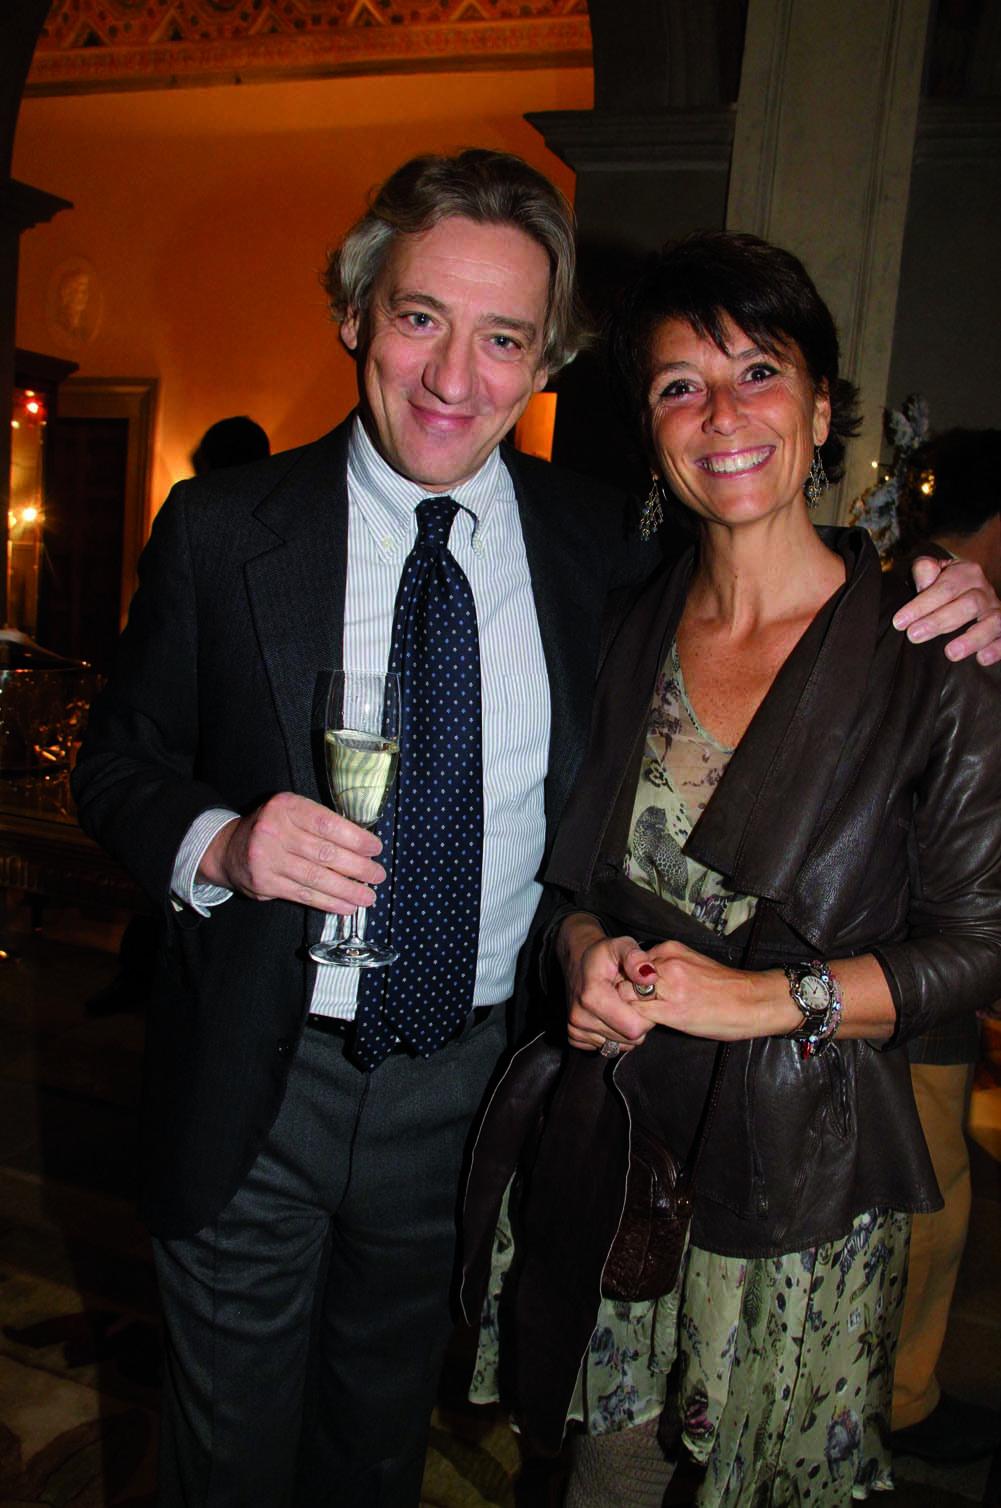 PressphotoFirenze -Hotel Four Season- Serata Piccini  nella foto: Andrea Sacchetti, BArbara Anzillotti